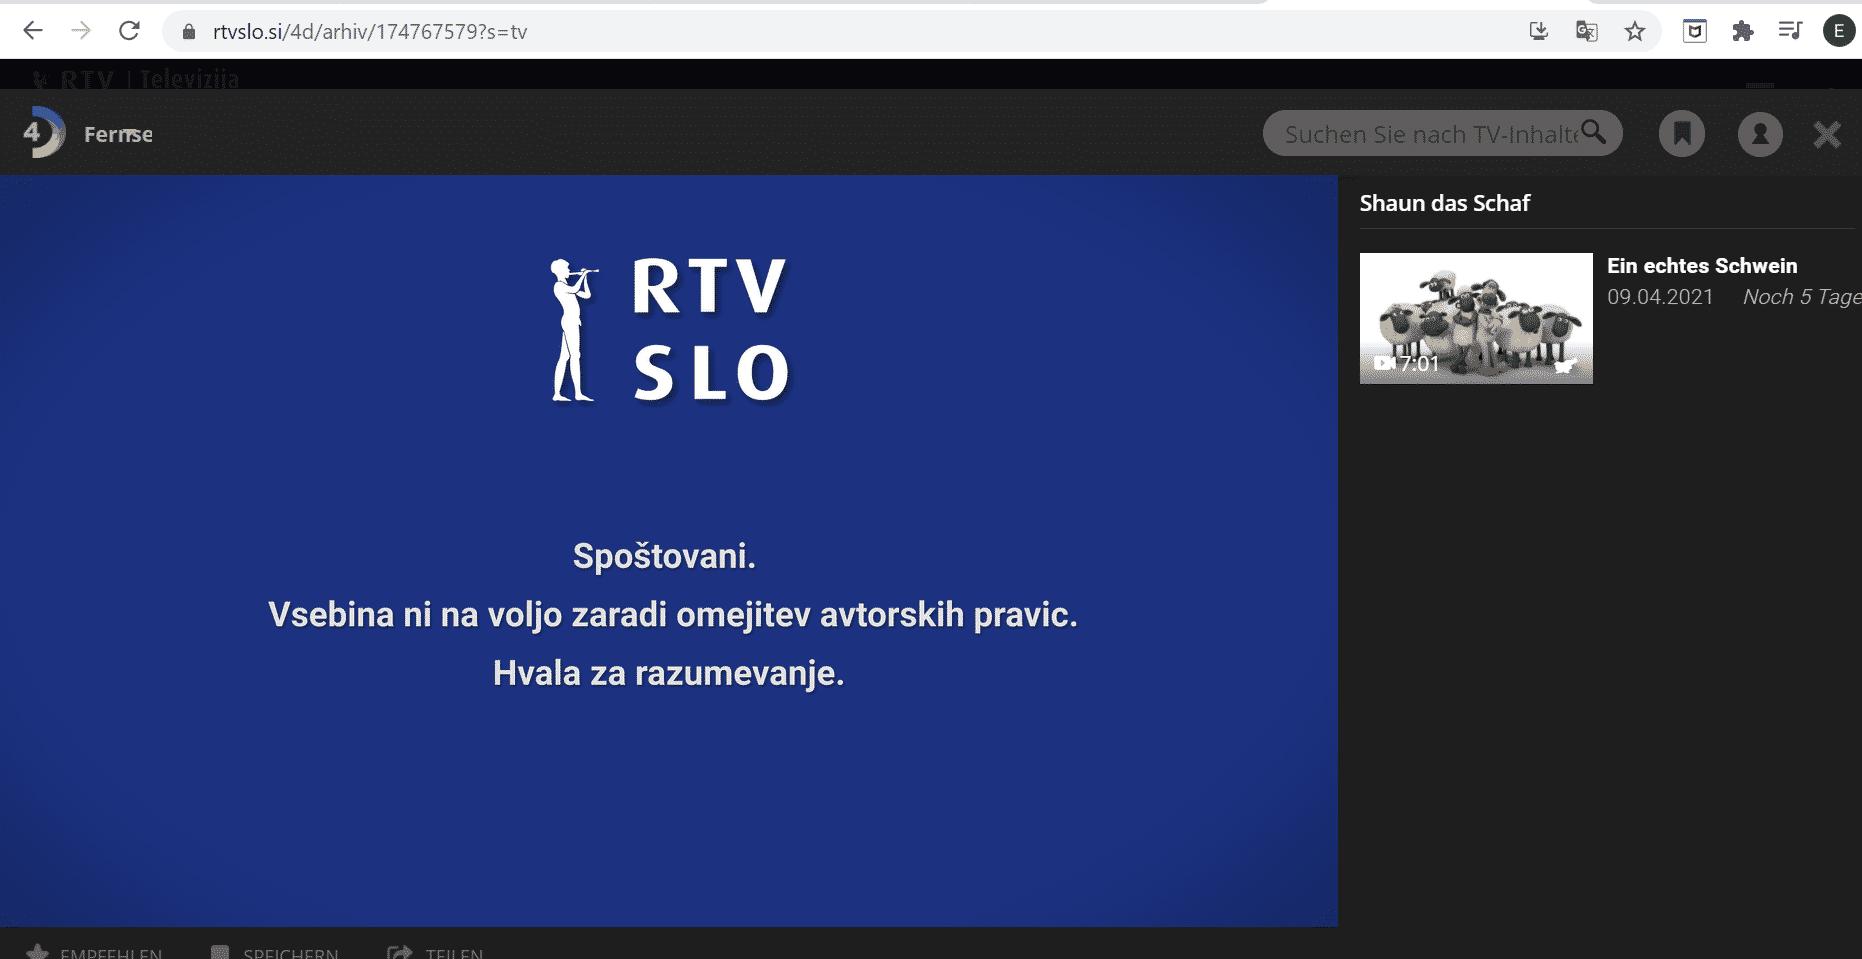 Slowenisches TV im Ausland streamen - Fehlermeldung